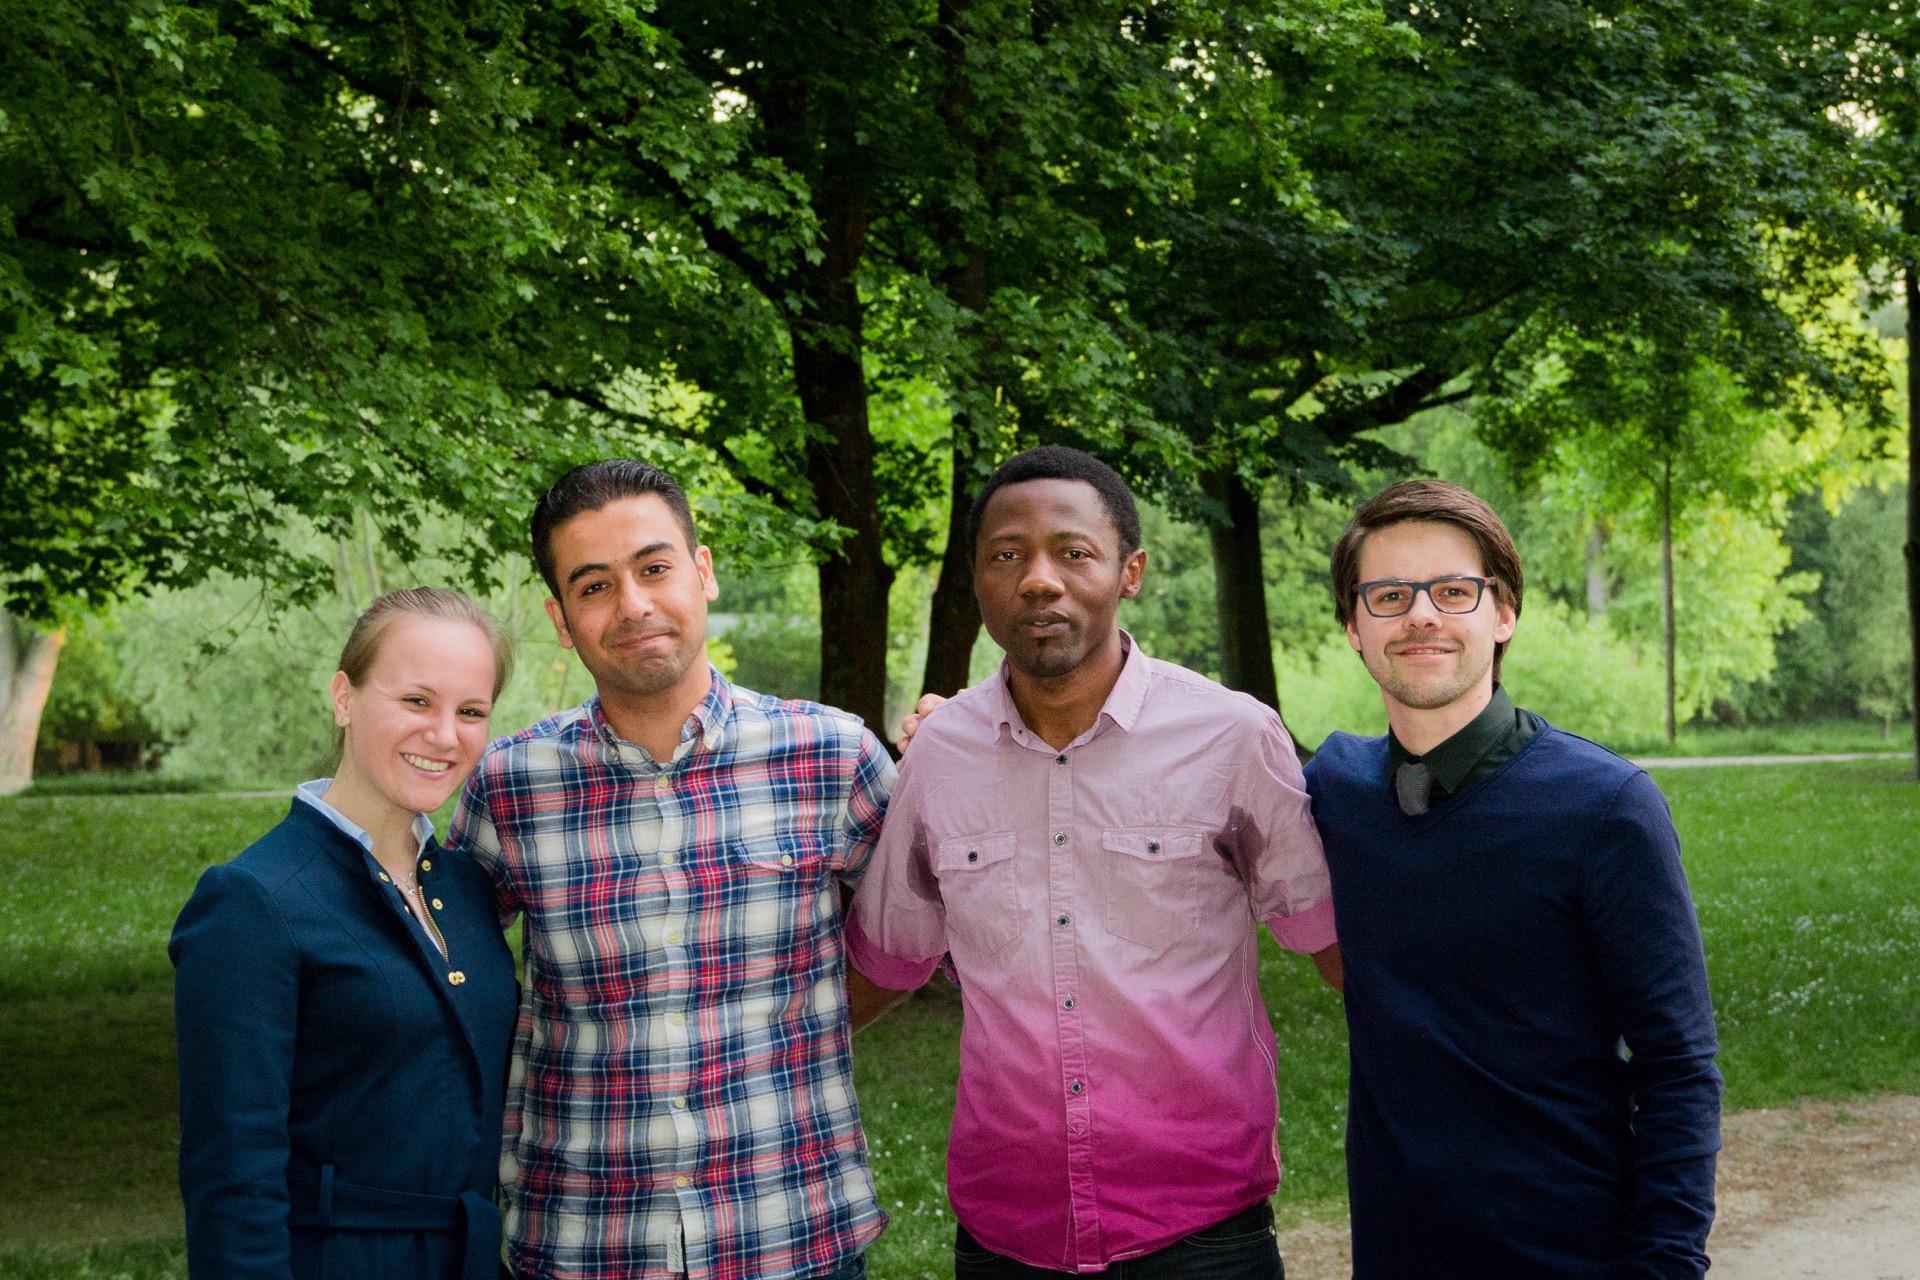 Stefanie Seebauer (l) und Bastian Winter (r) schafften es, mit Ameen Nasir (2.v.l.) und Ansumane Famah (2.v.r.) KinoAsyl nach Regensburg zu holen. (Foto: Anna Baumer)